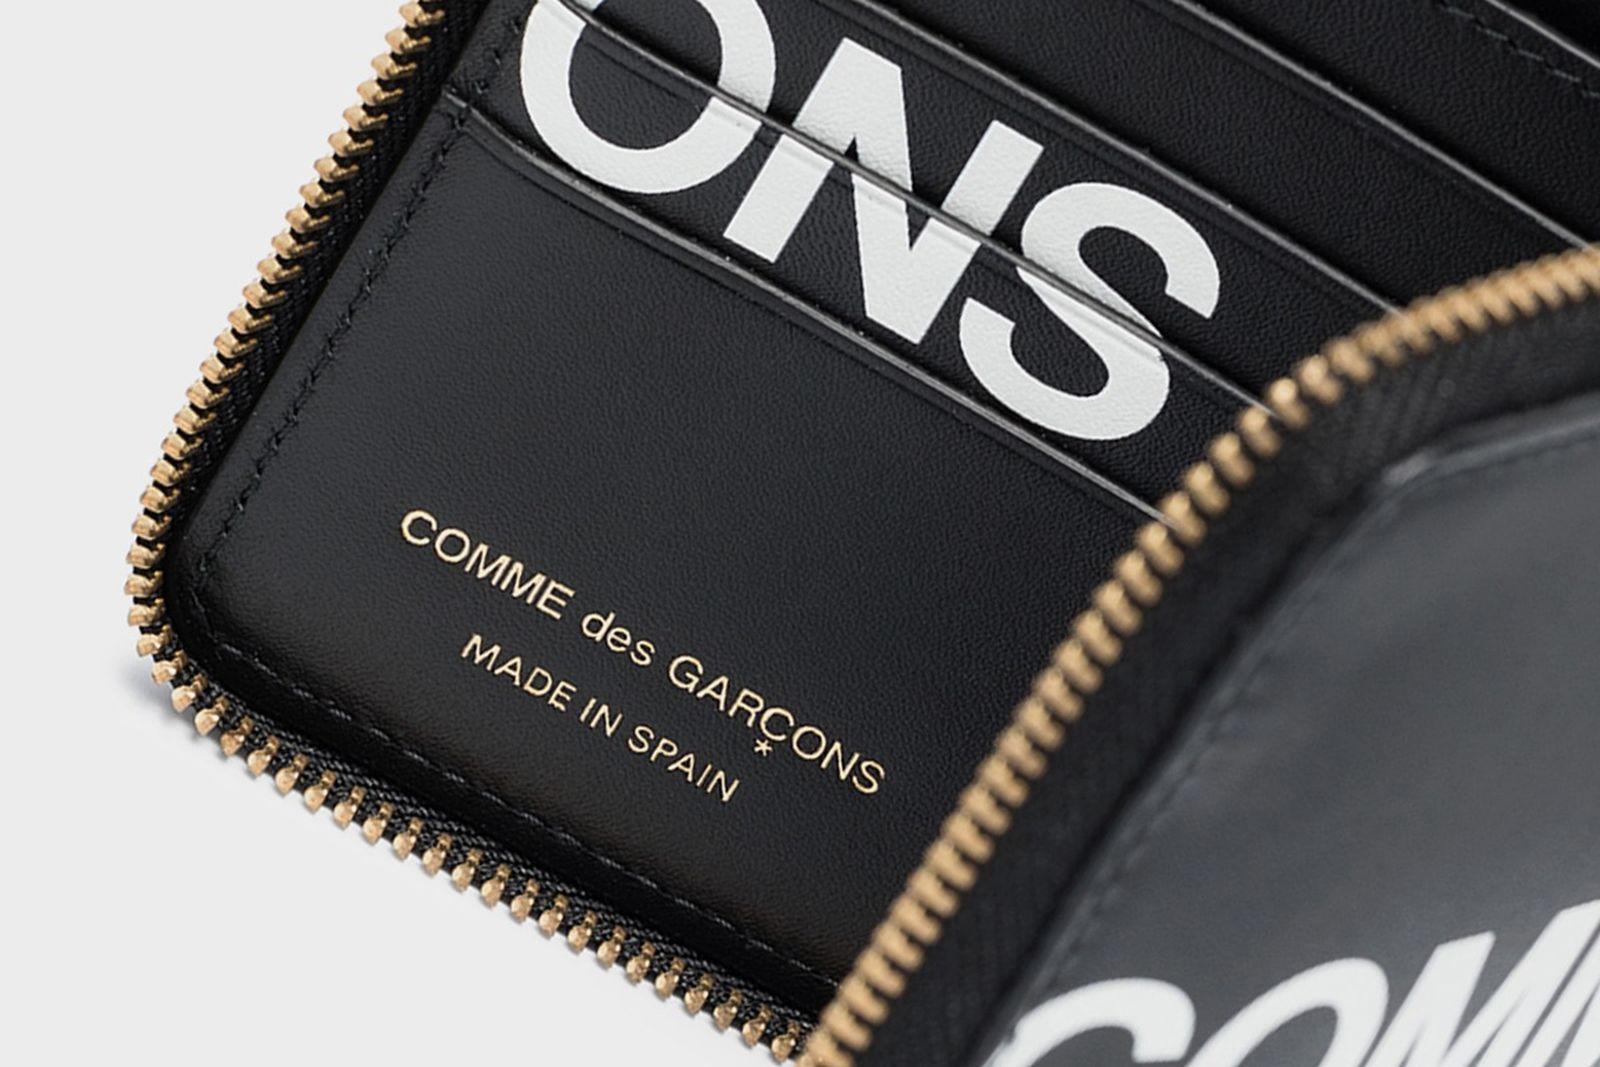 designer wallets main image